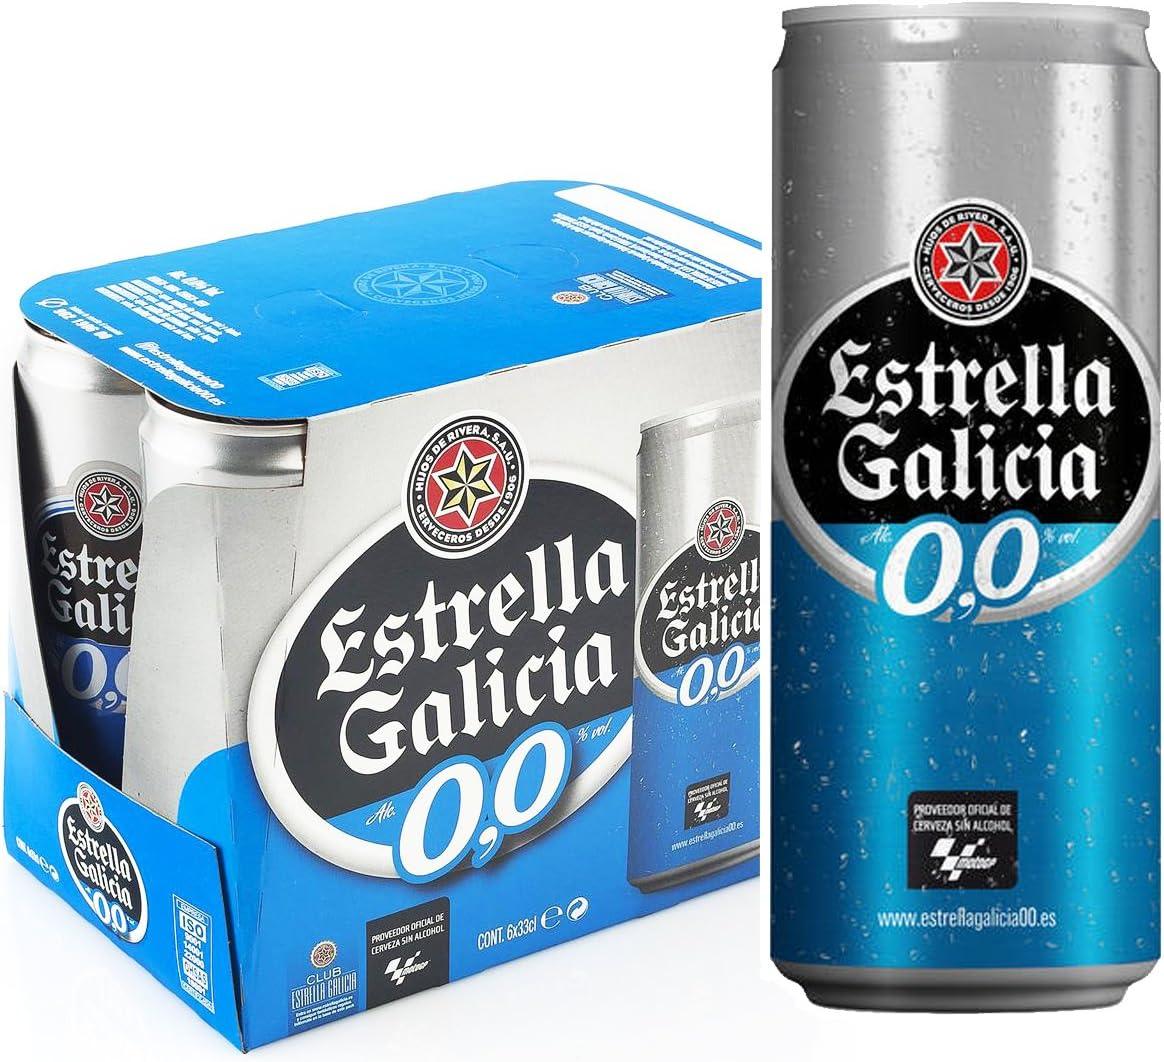 Estrella Galicia Cerveza 00 - Pack de 6 latas x 33 cl: Amazon.es: Alimentación y bebidas